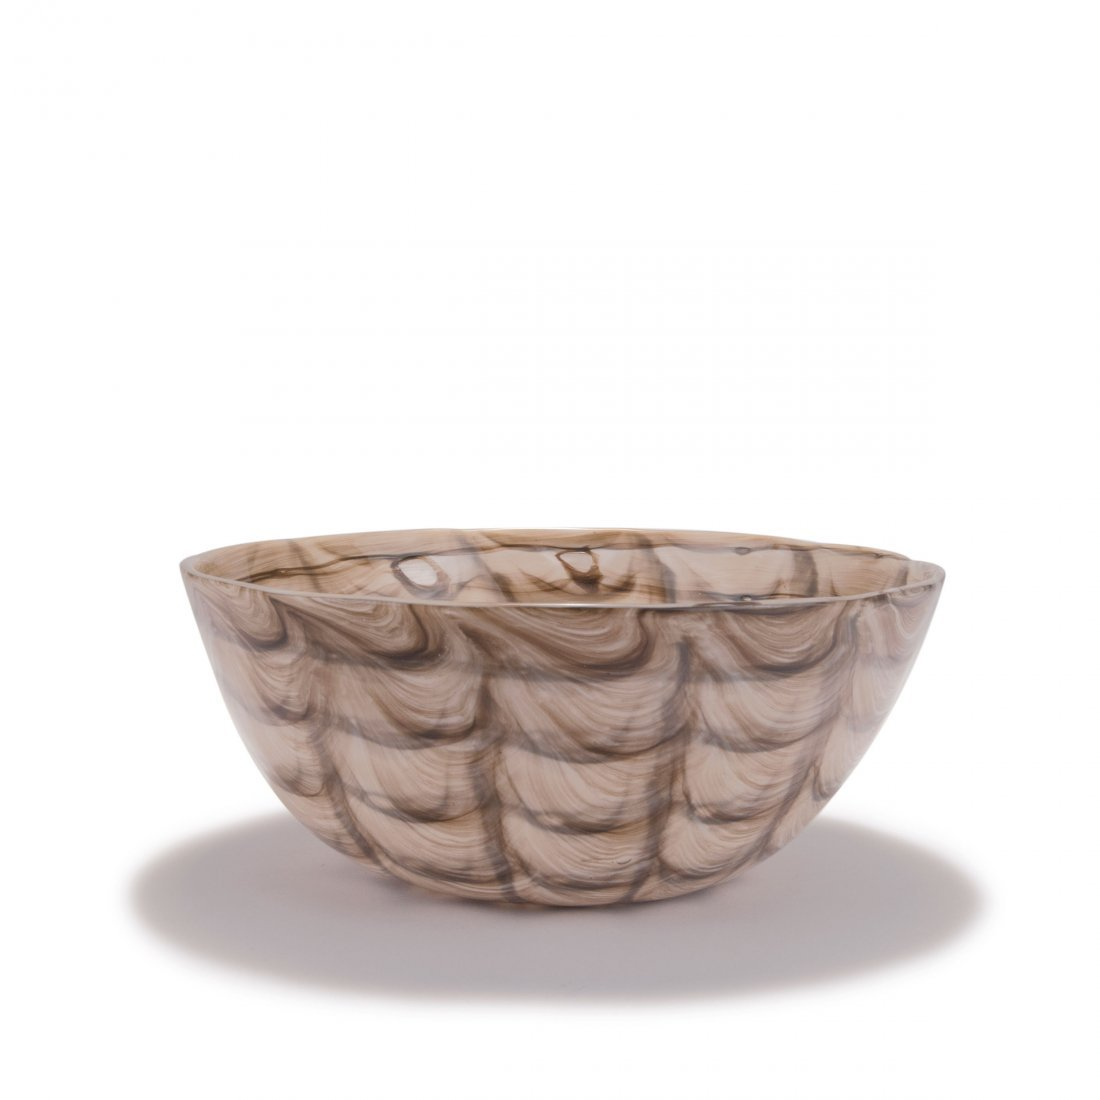 'Neolitico' bowl, 1954